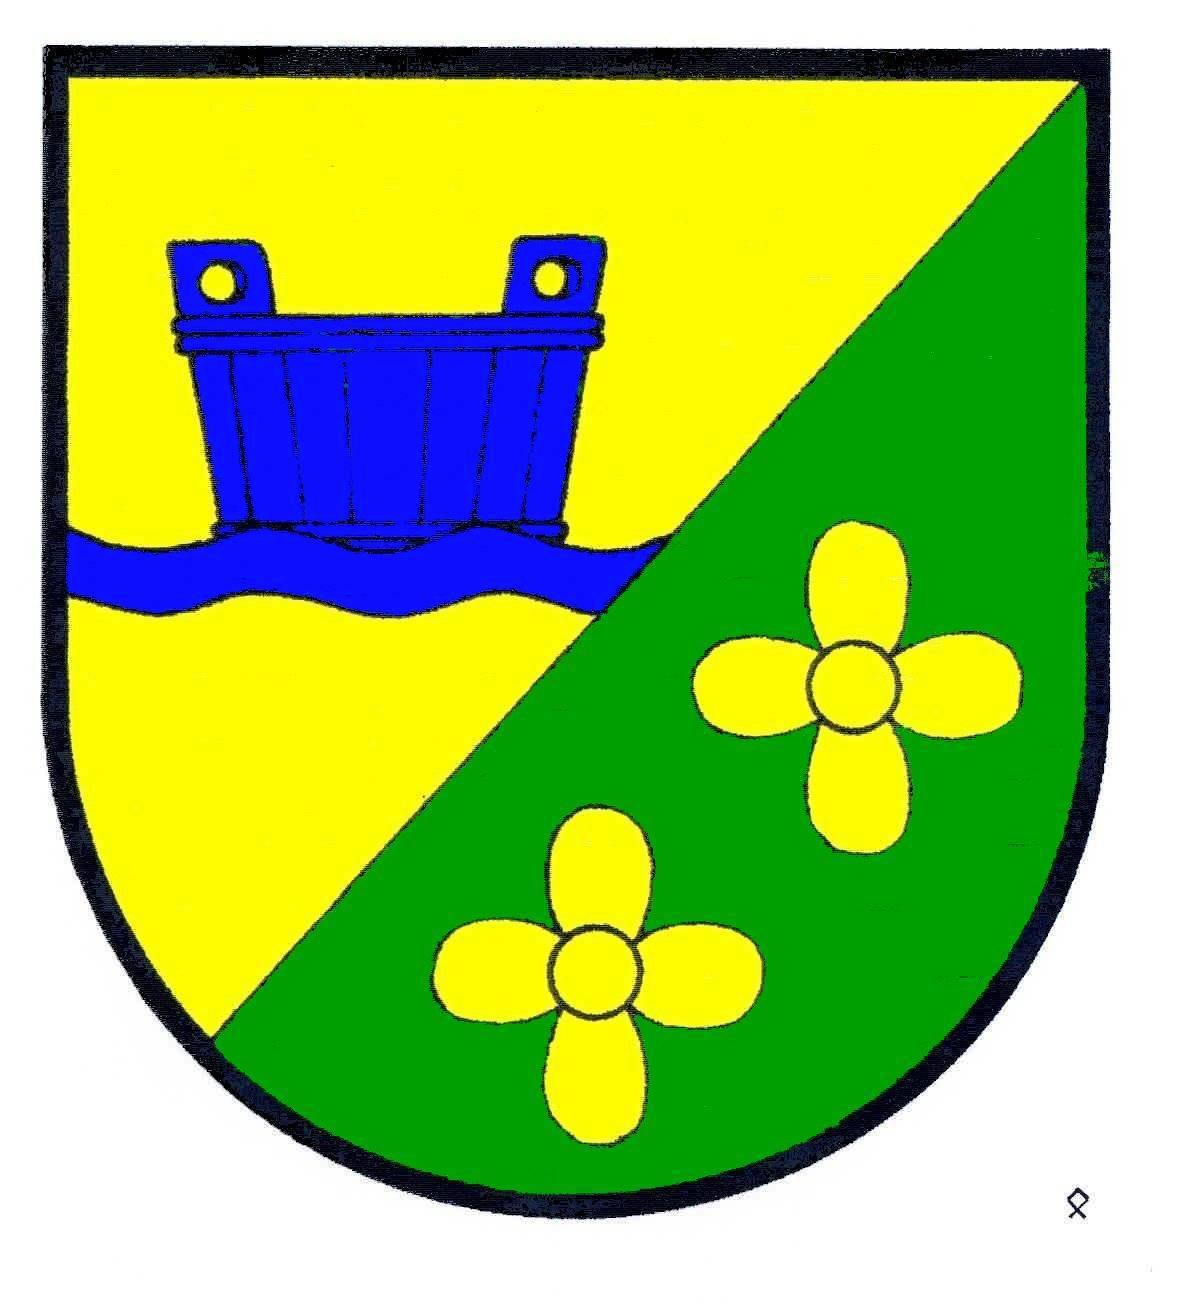 Wappen GemeindeLoit, Kreis Schleswig-Flensburg